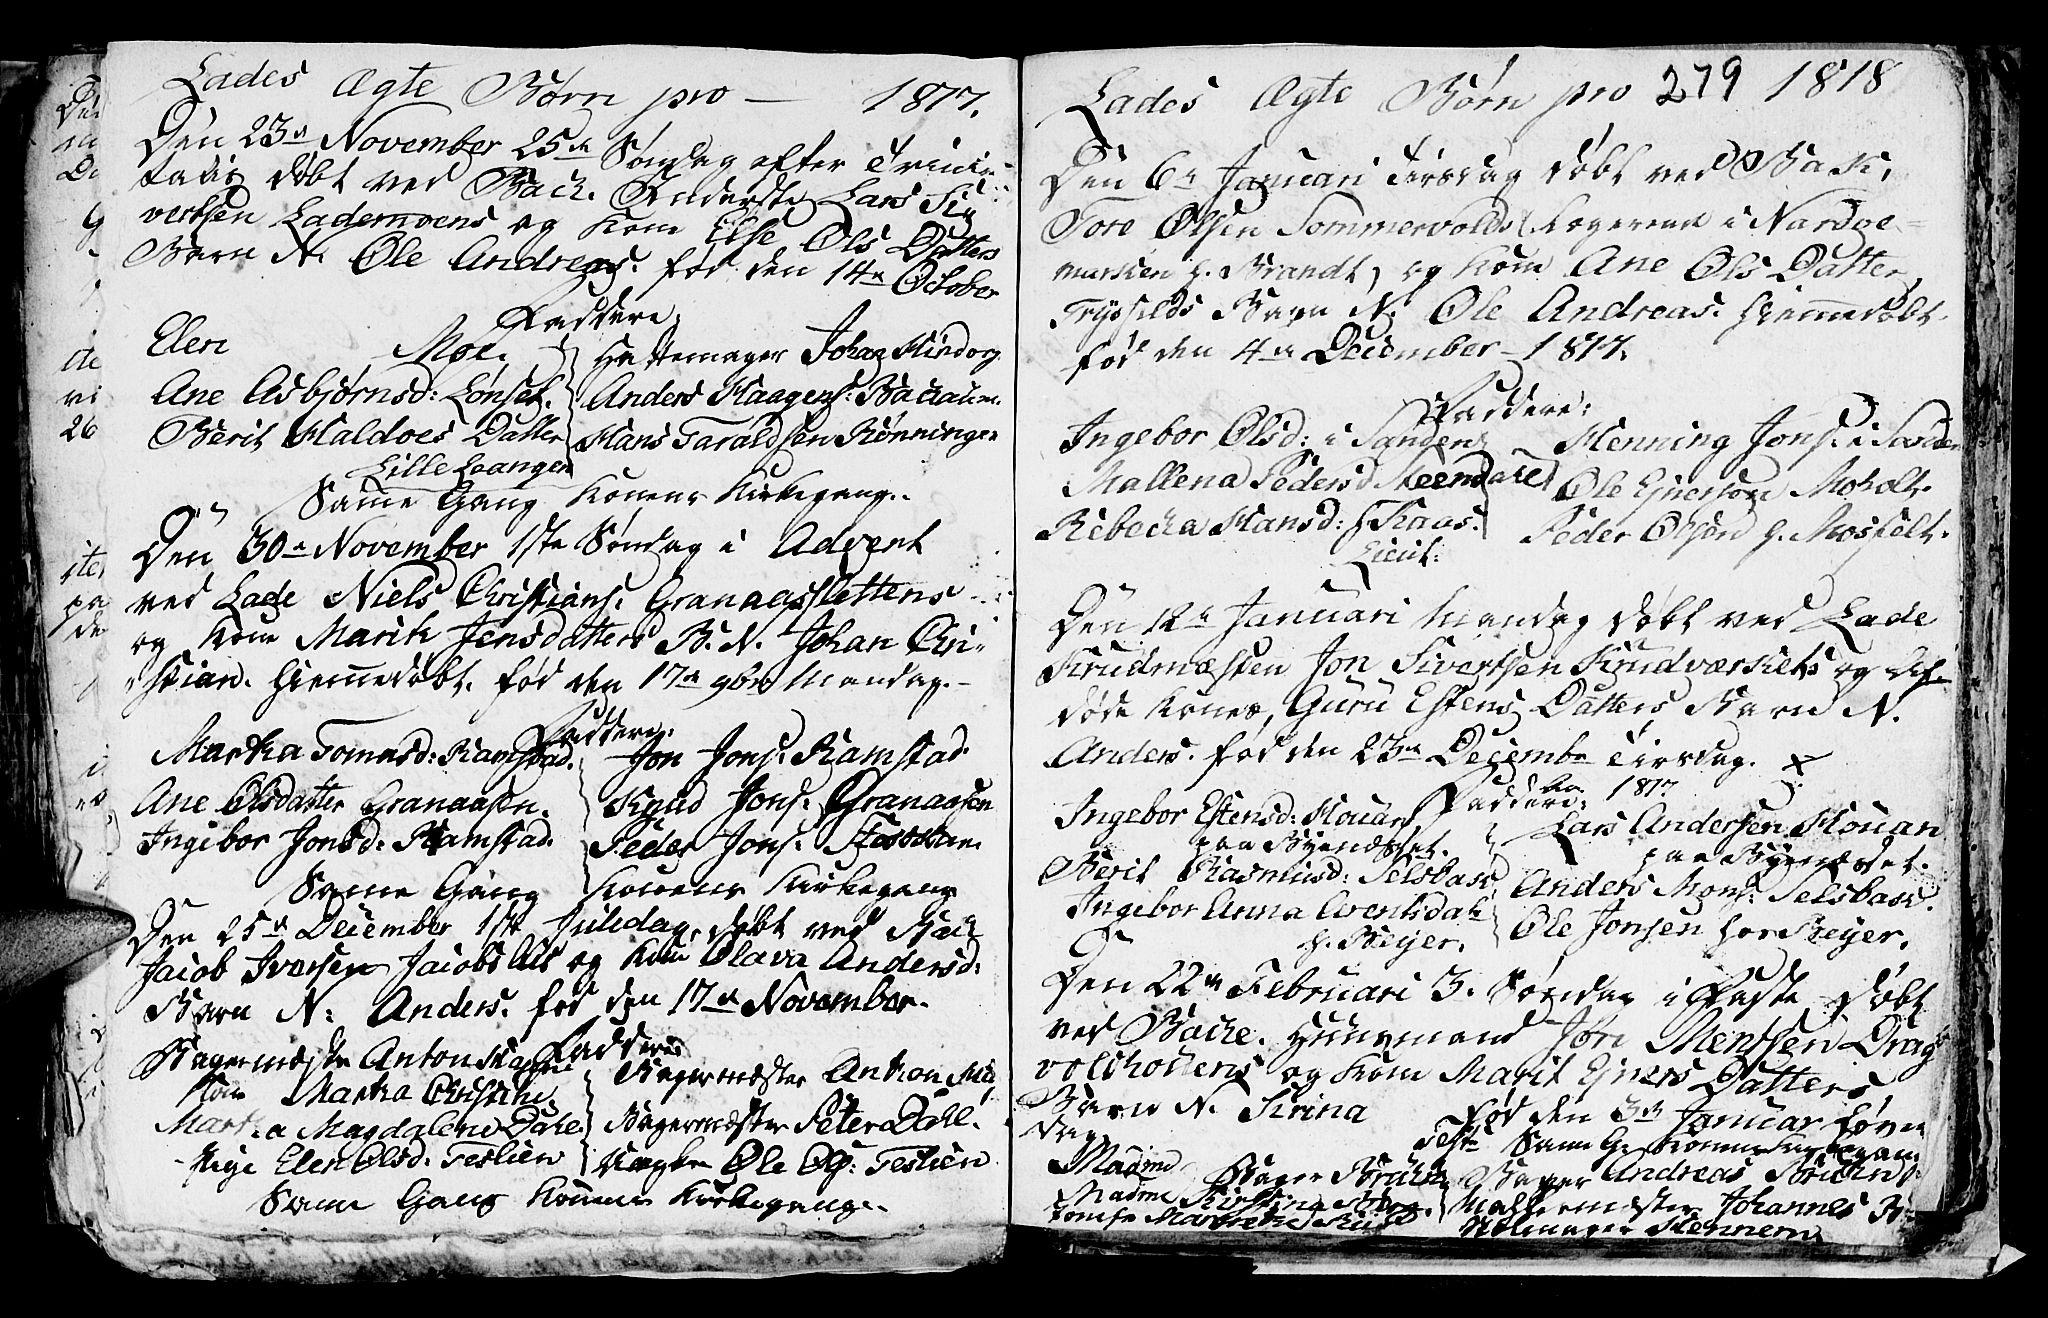 SAT, Ministerialprotokoller, klokkerbøker og fødselsregistre - Sør-Trøndelag, 606/L0305: Klokkerbok nr. 606C01, 1757-1819, s. 279